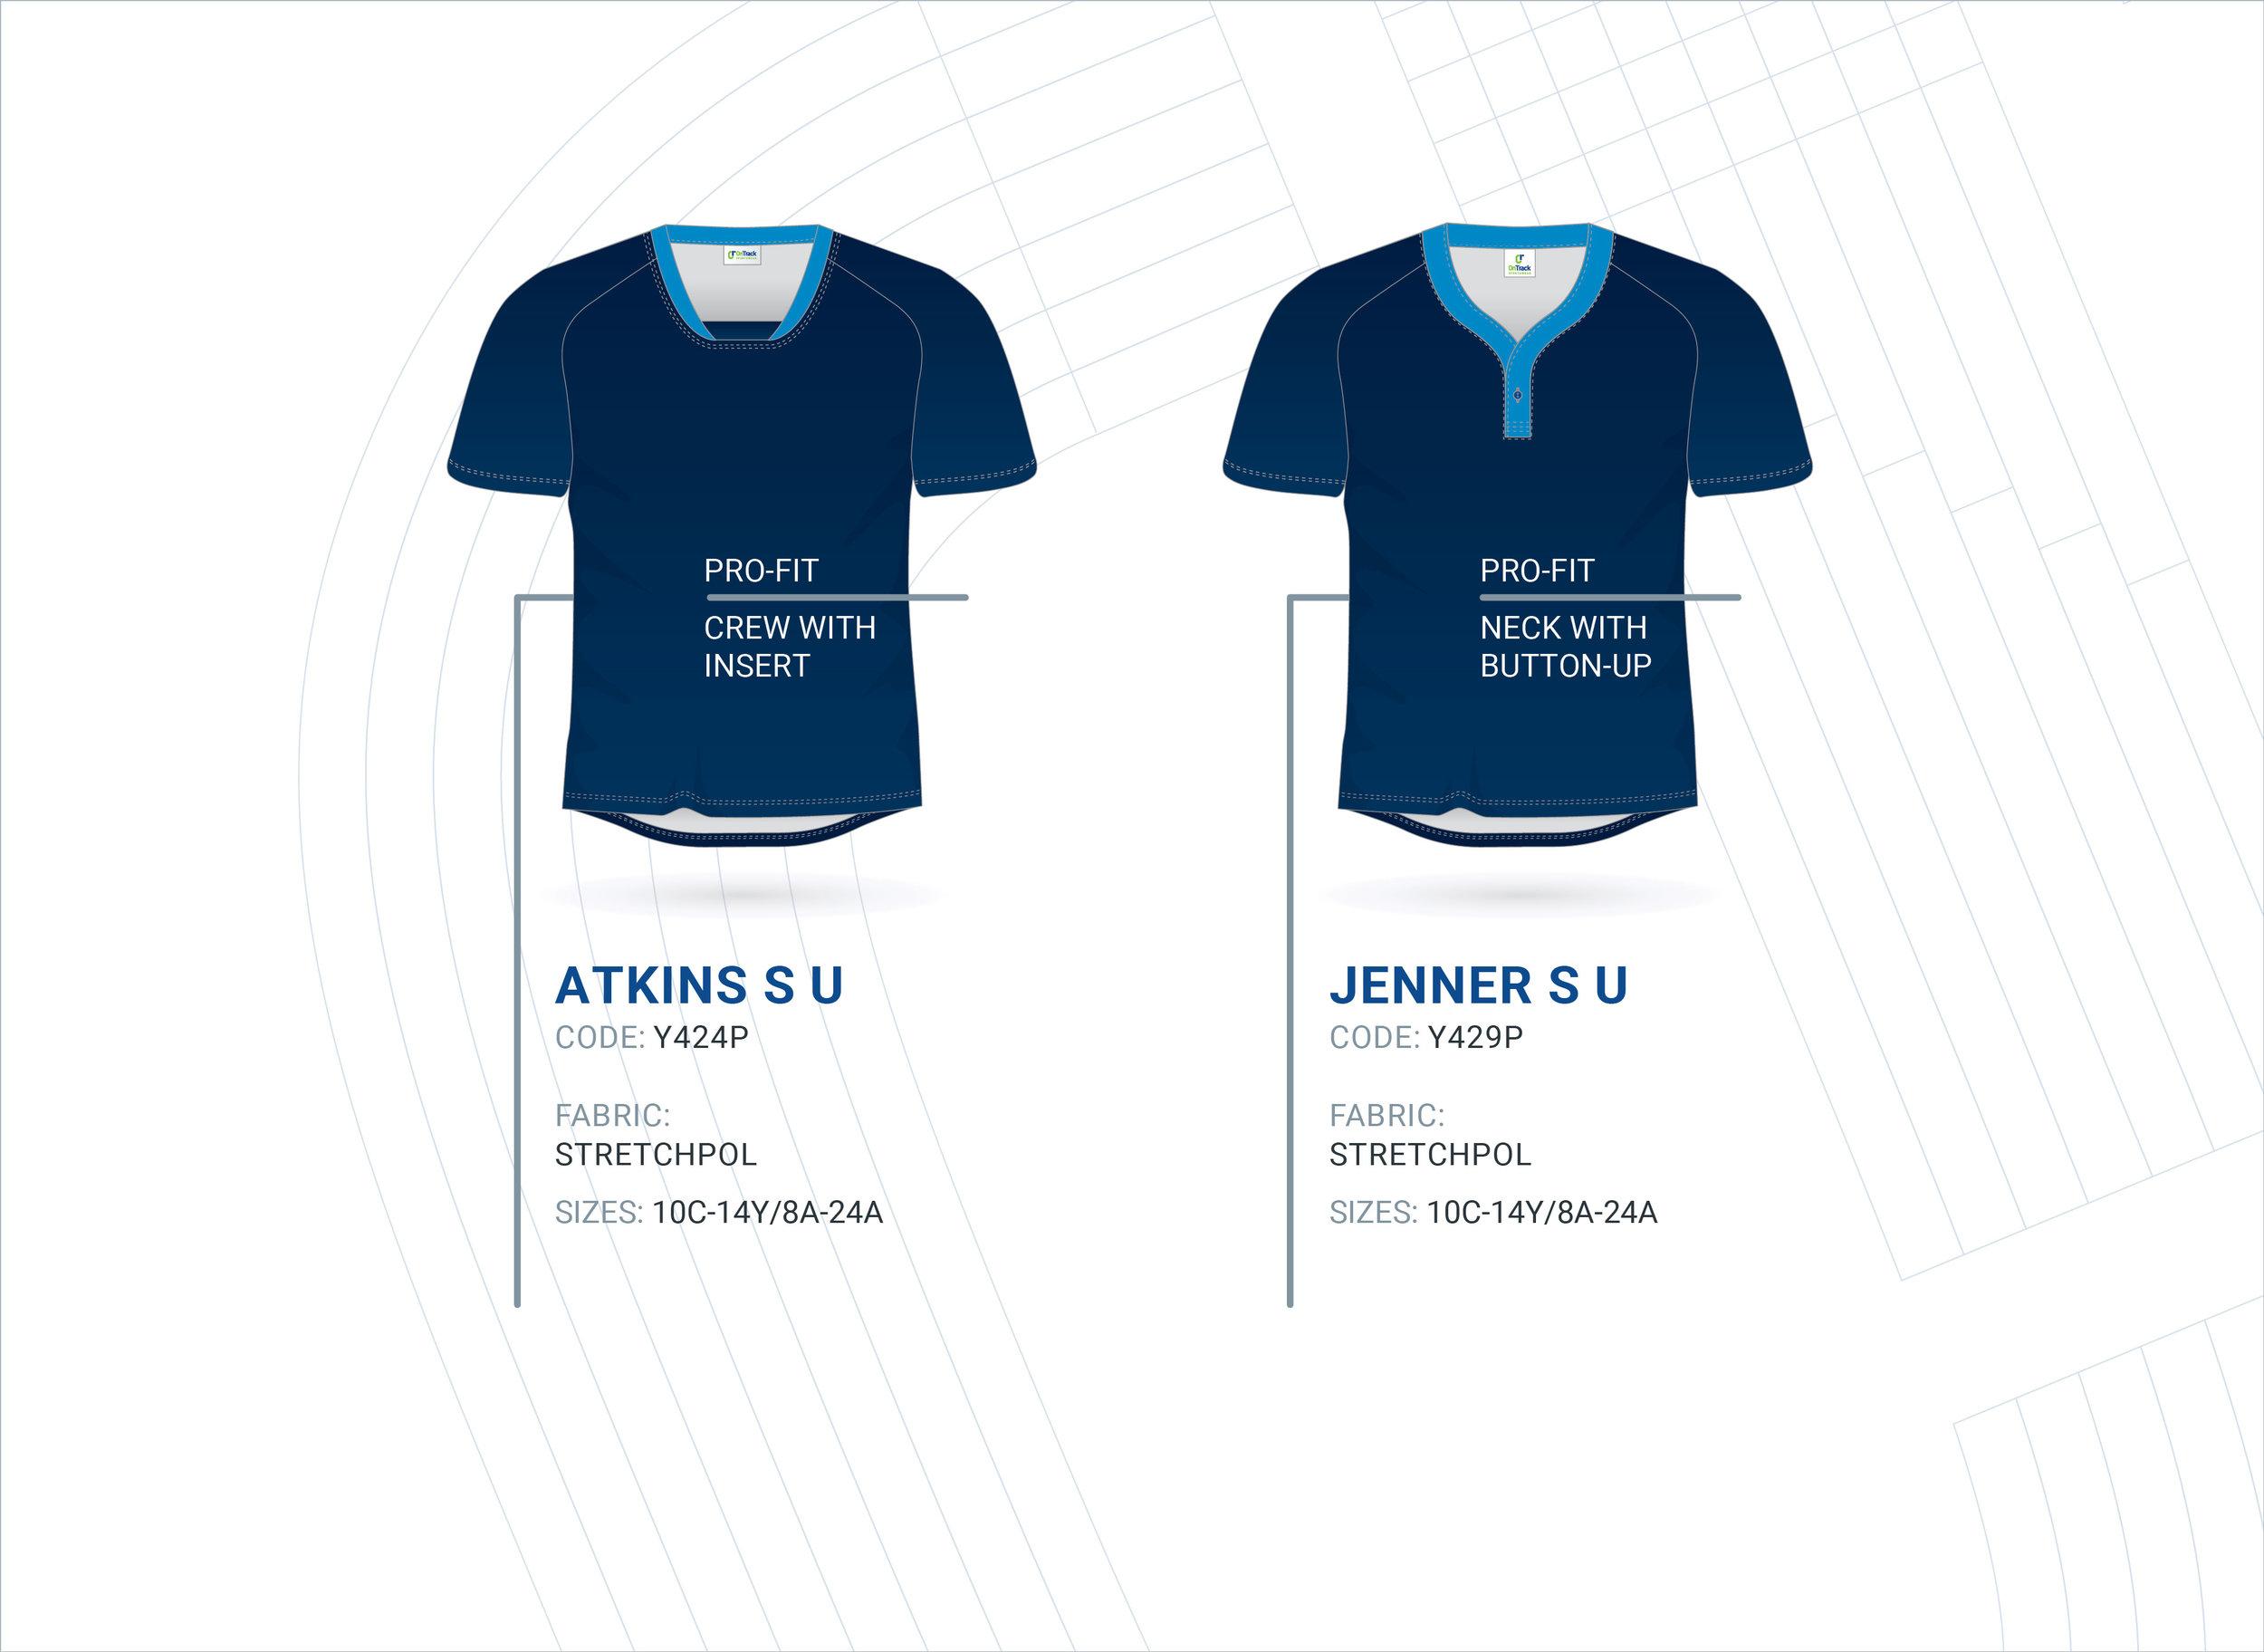 Unisex Raglan Sleeve Rugby Tops